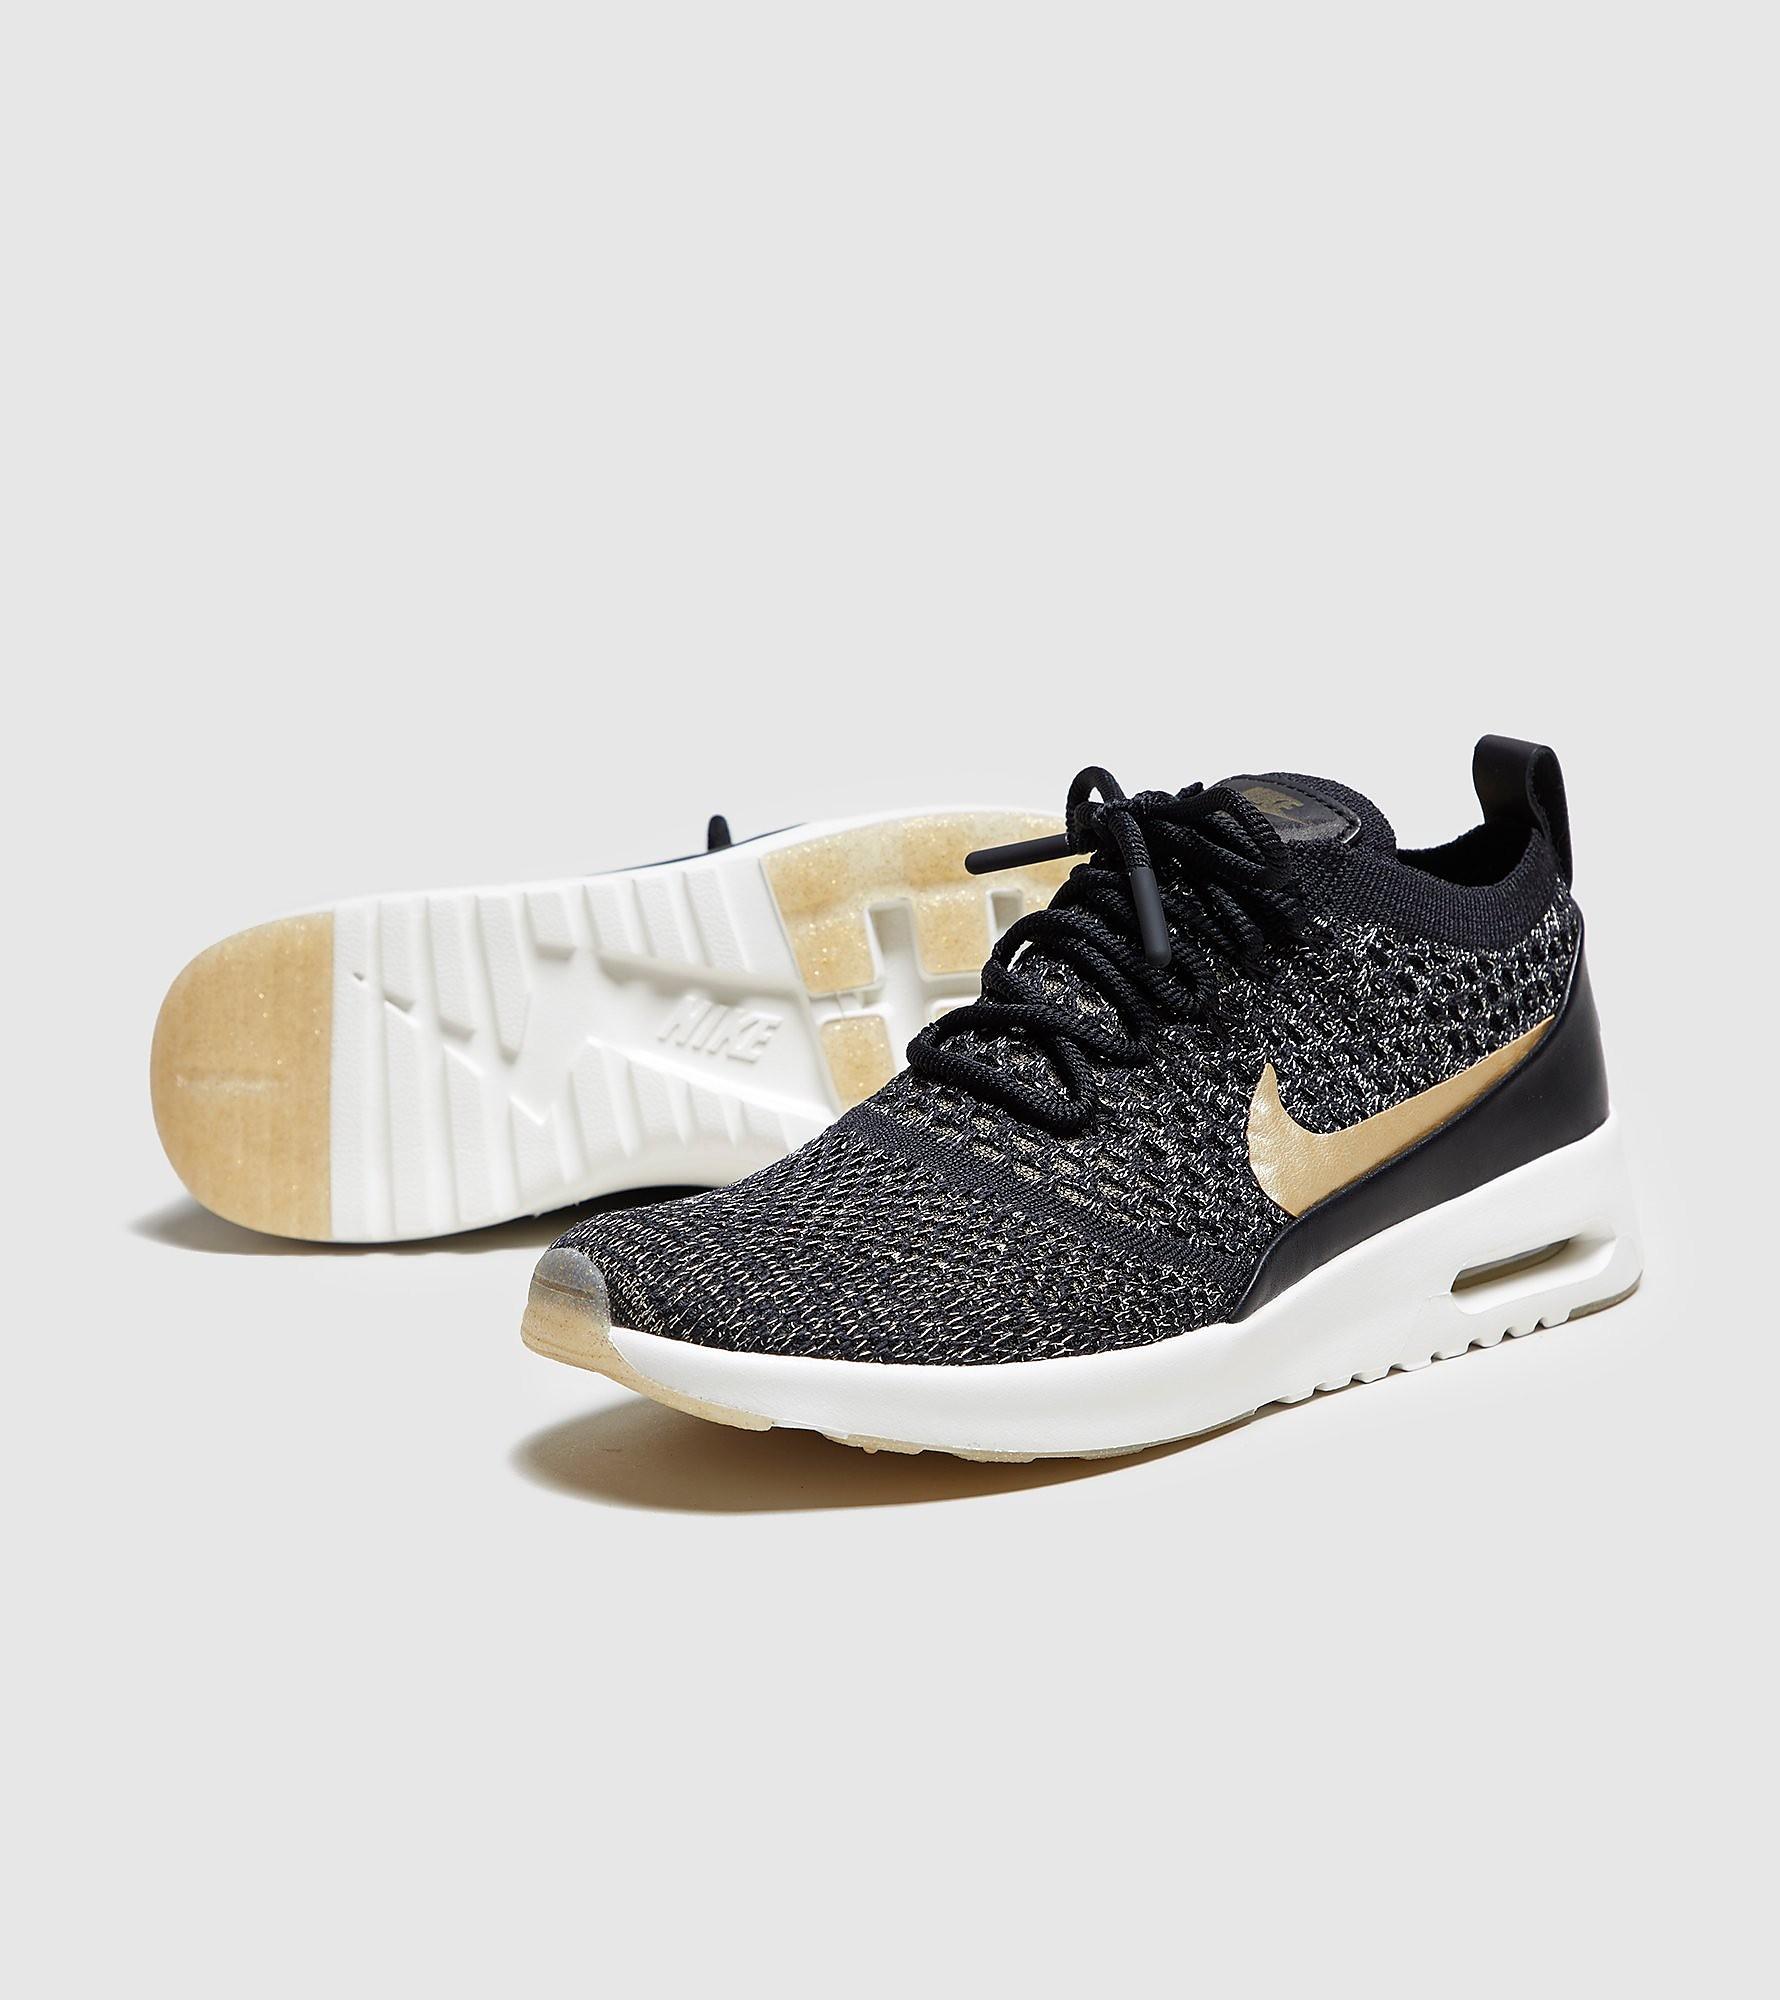 Nike Air Max Thea Flyknit Metallic Women's